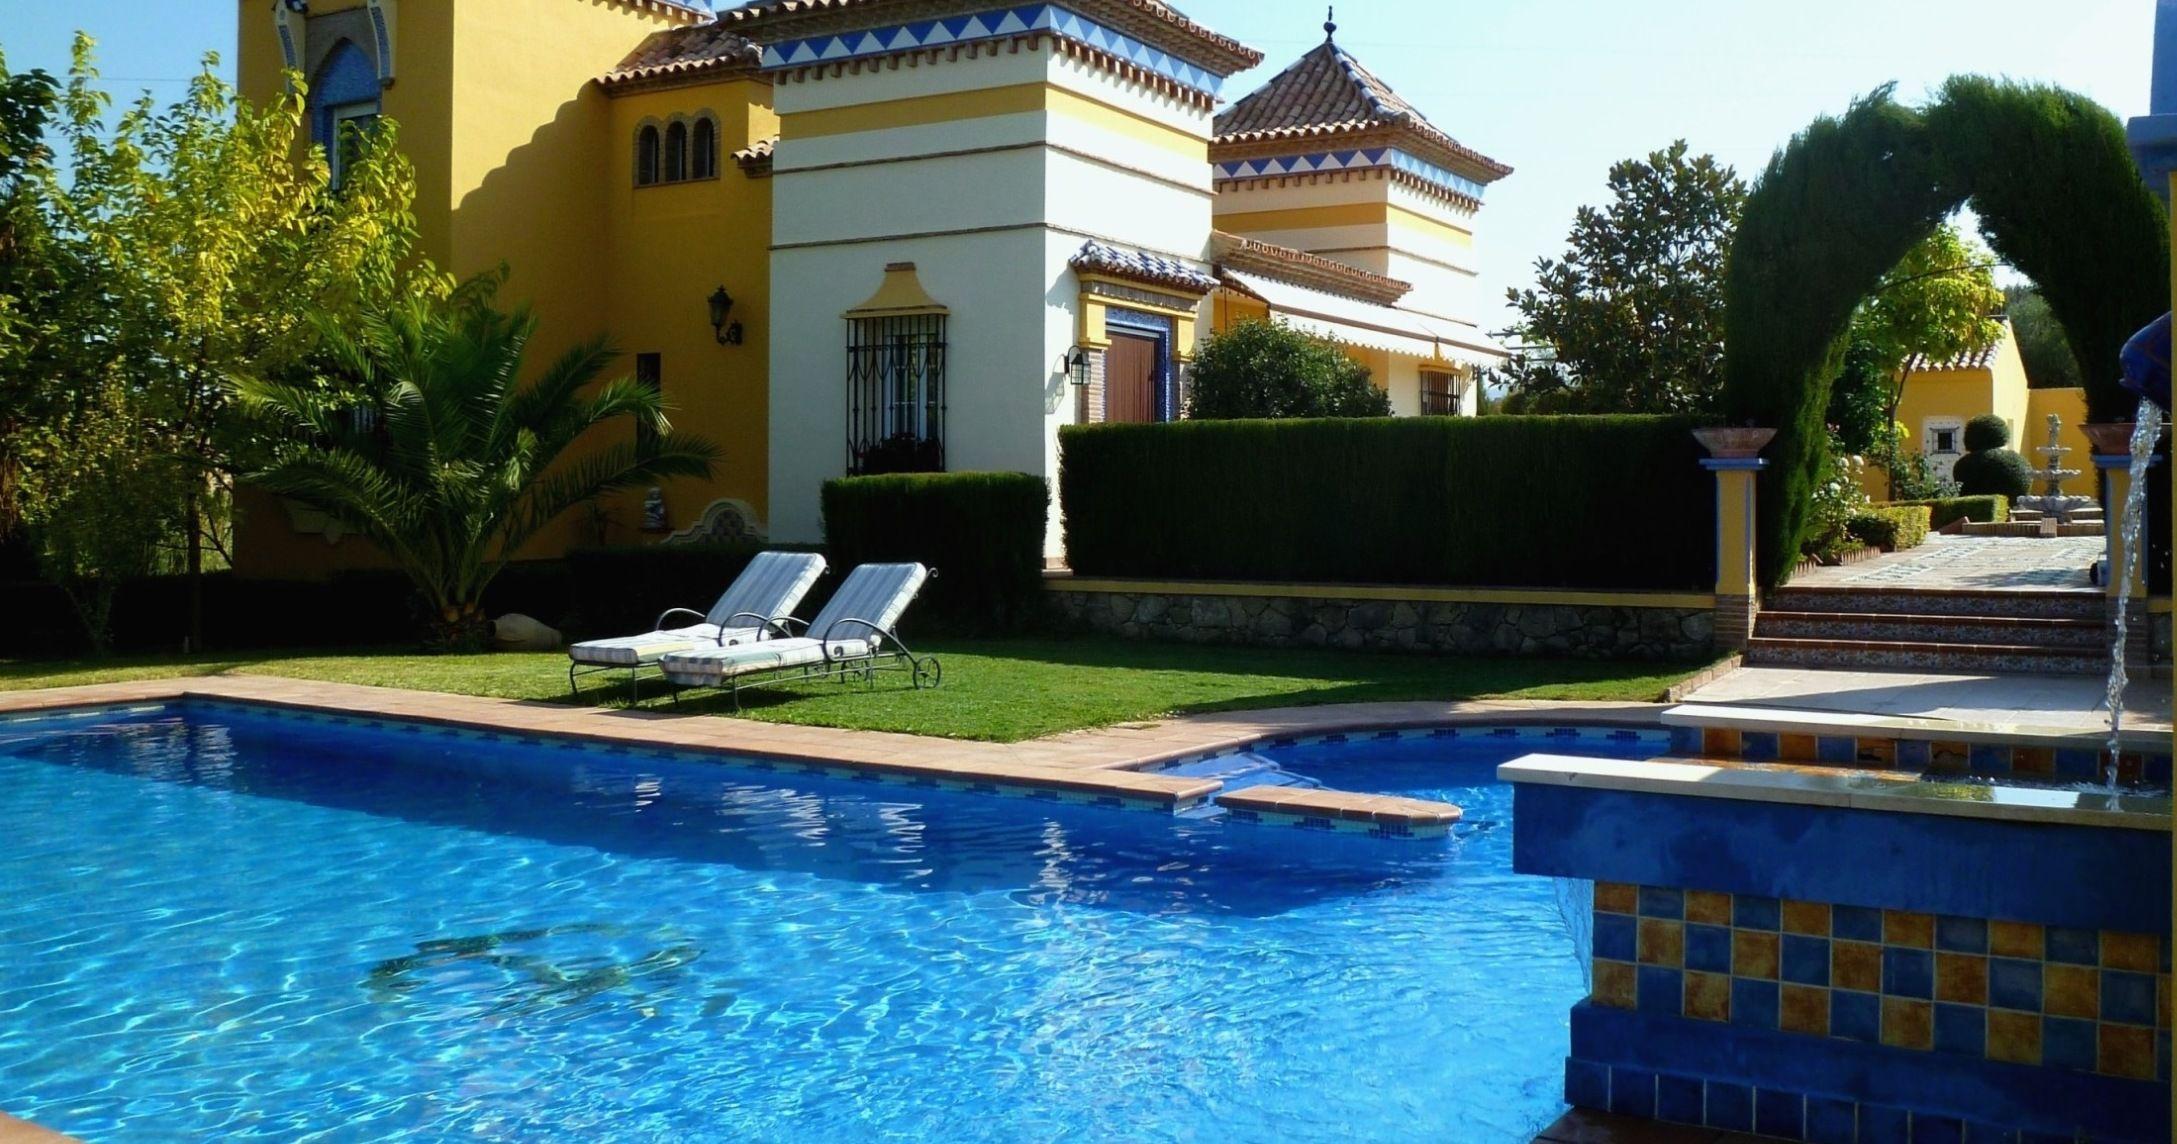 We Hebben Gezellige Vakantiehuizen In Andalusi Voor U Uitgezocht Die